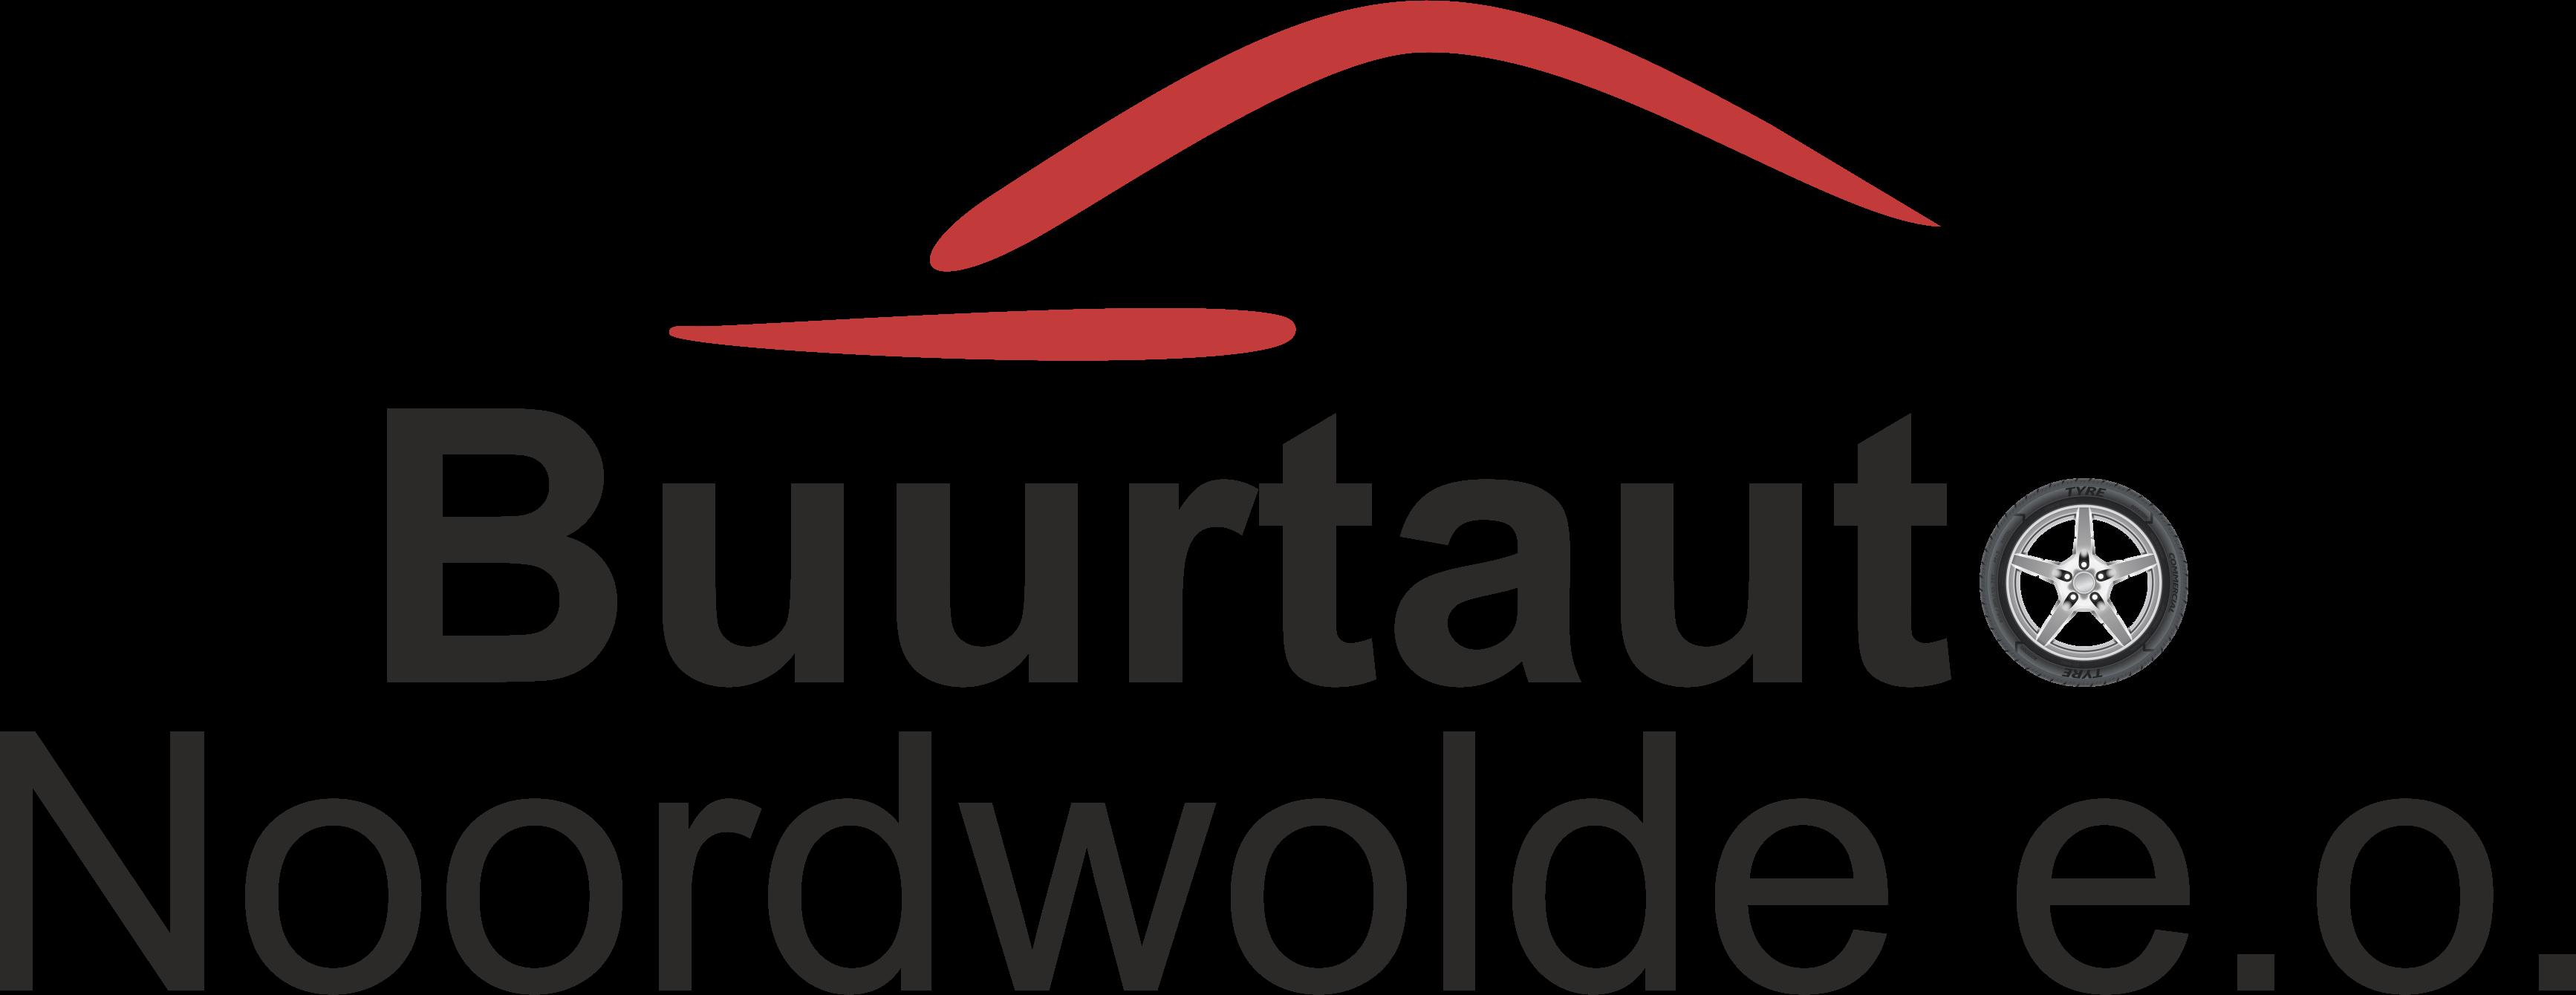 Buurtauto Noordwolde